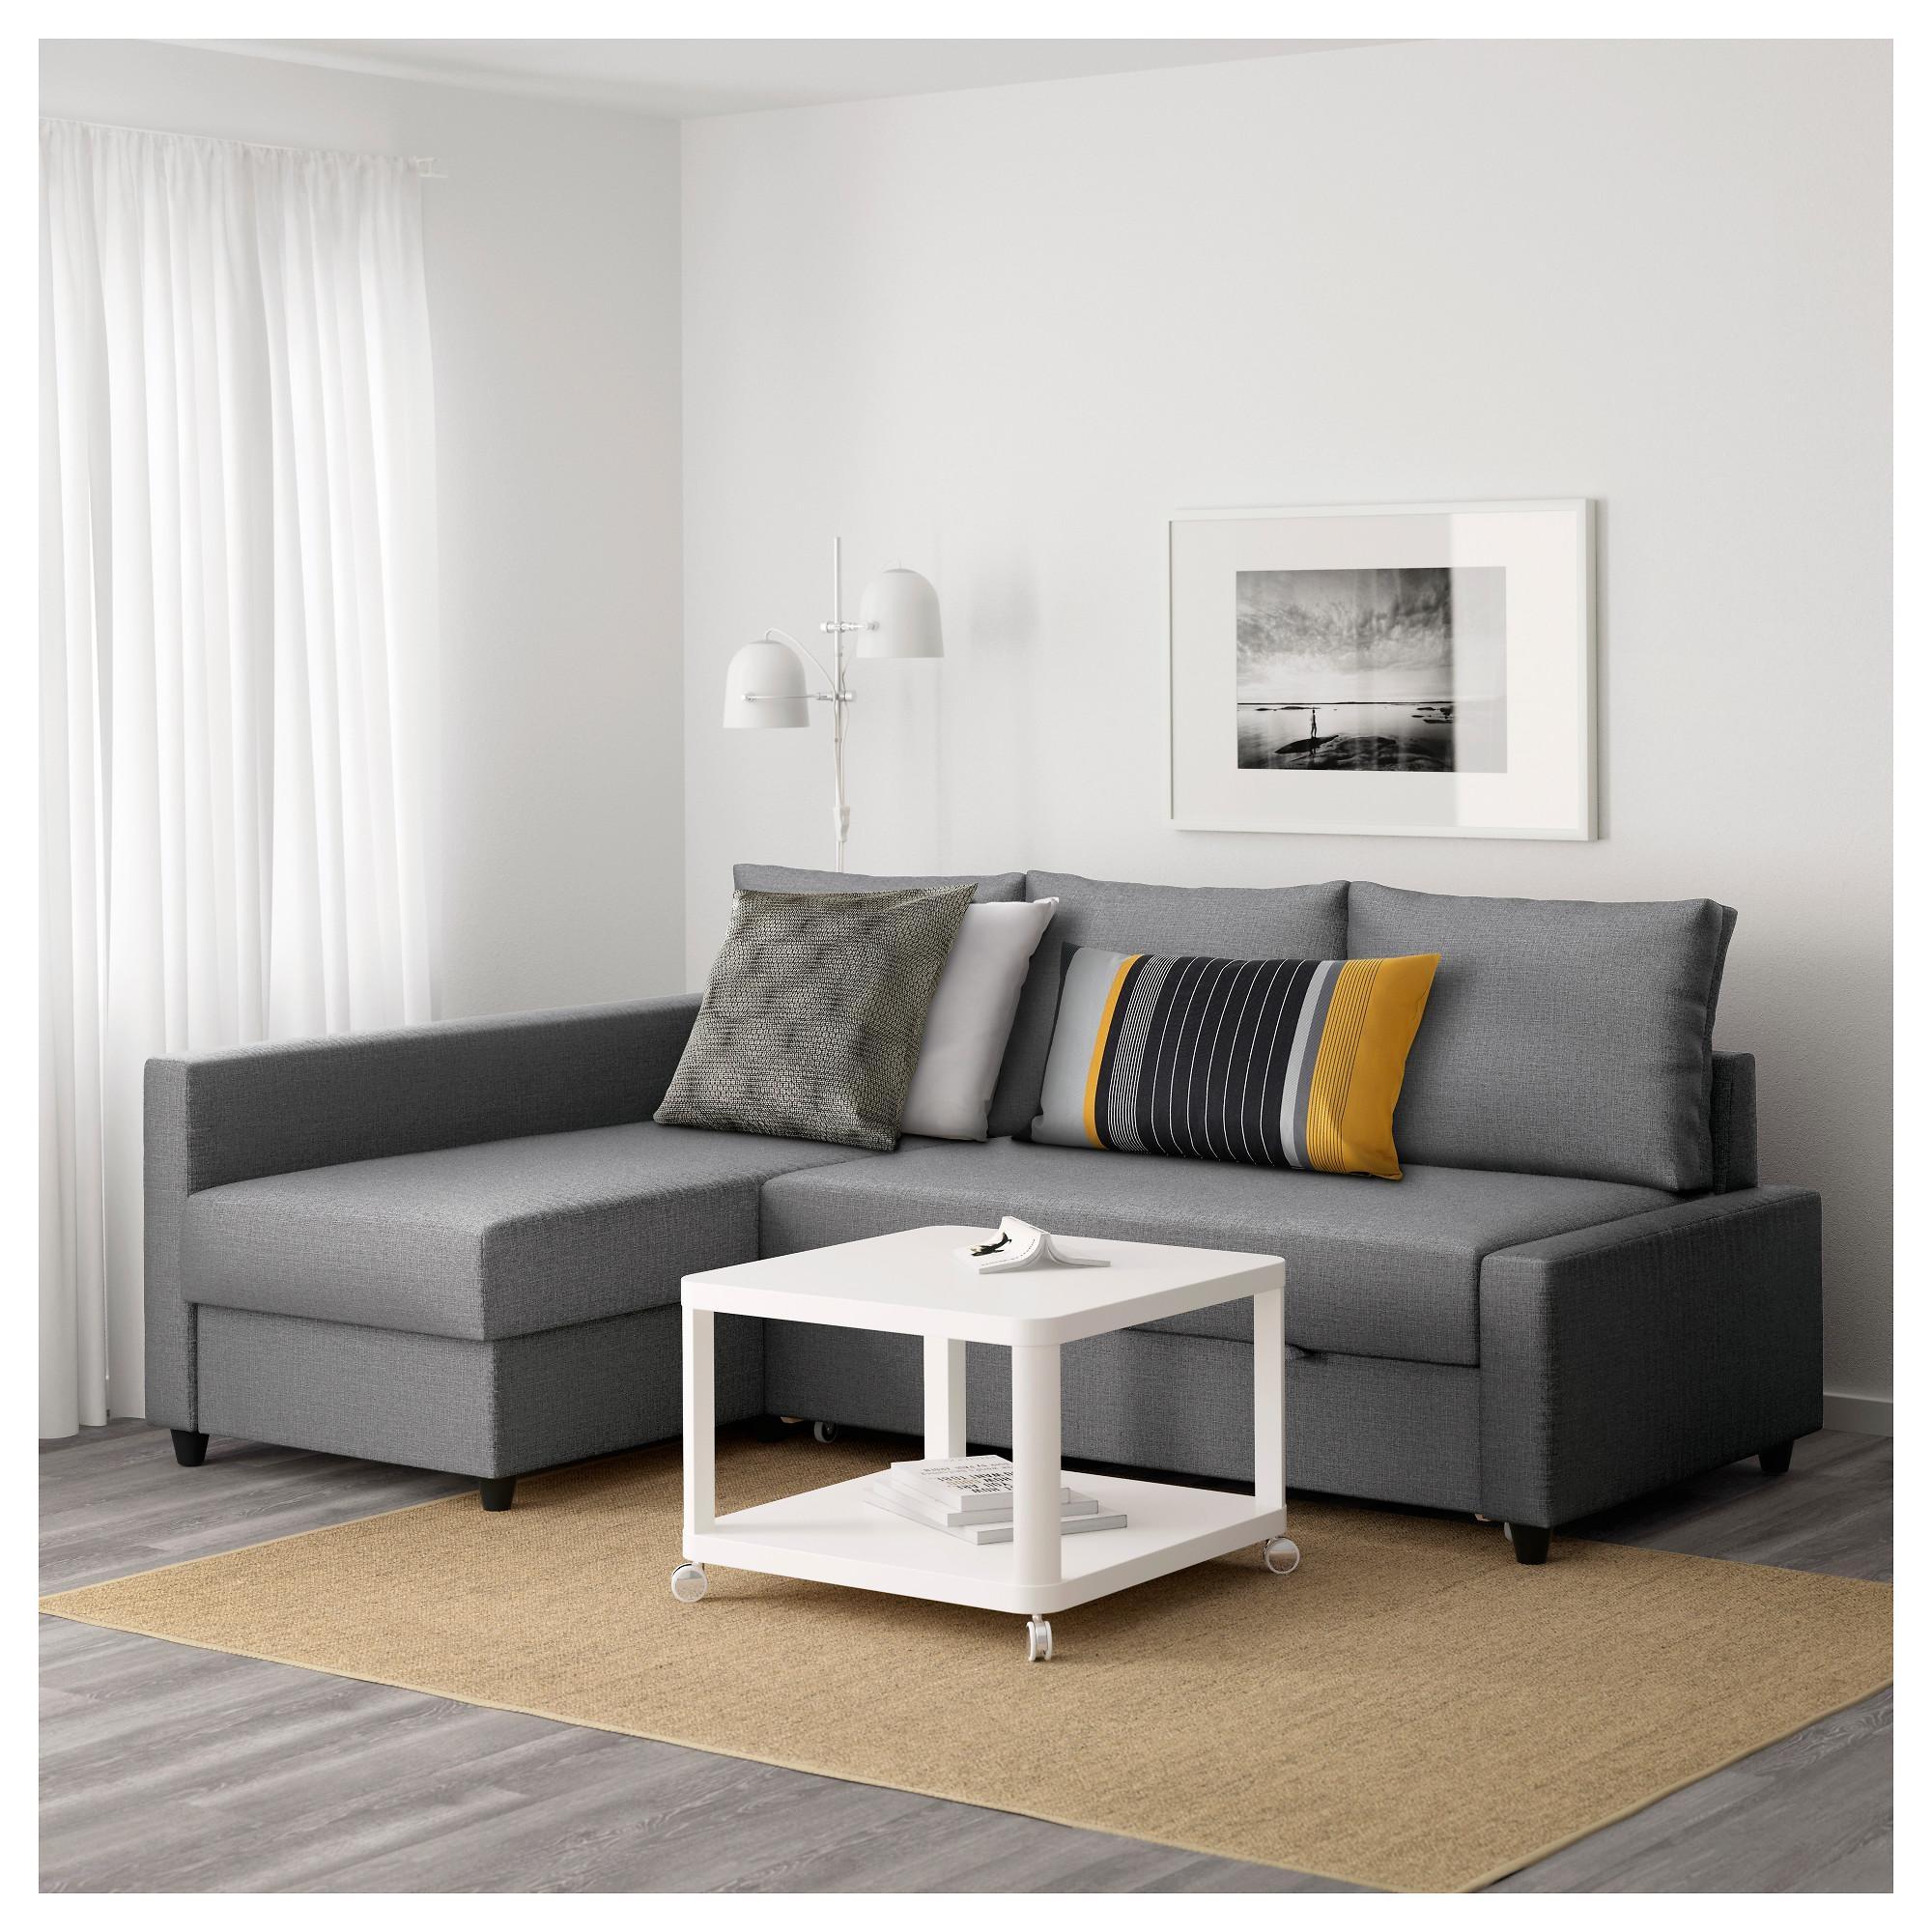 Friheten Corner Sofa Bed With Storage Skiftebo Dark Grey – Ikea Within Corner Sofa Bed With Storage Ikea (View 6 of 20)